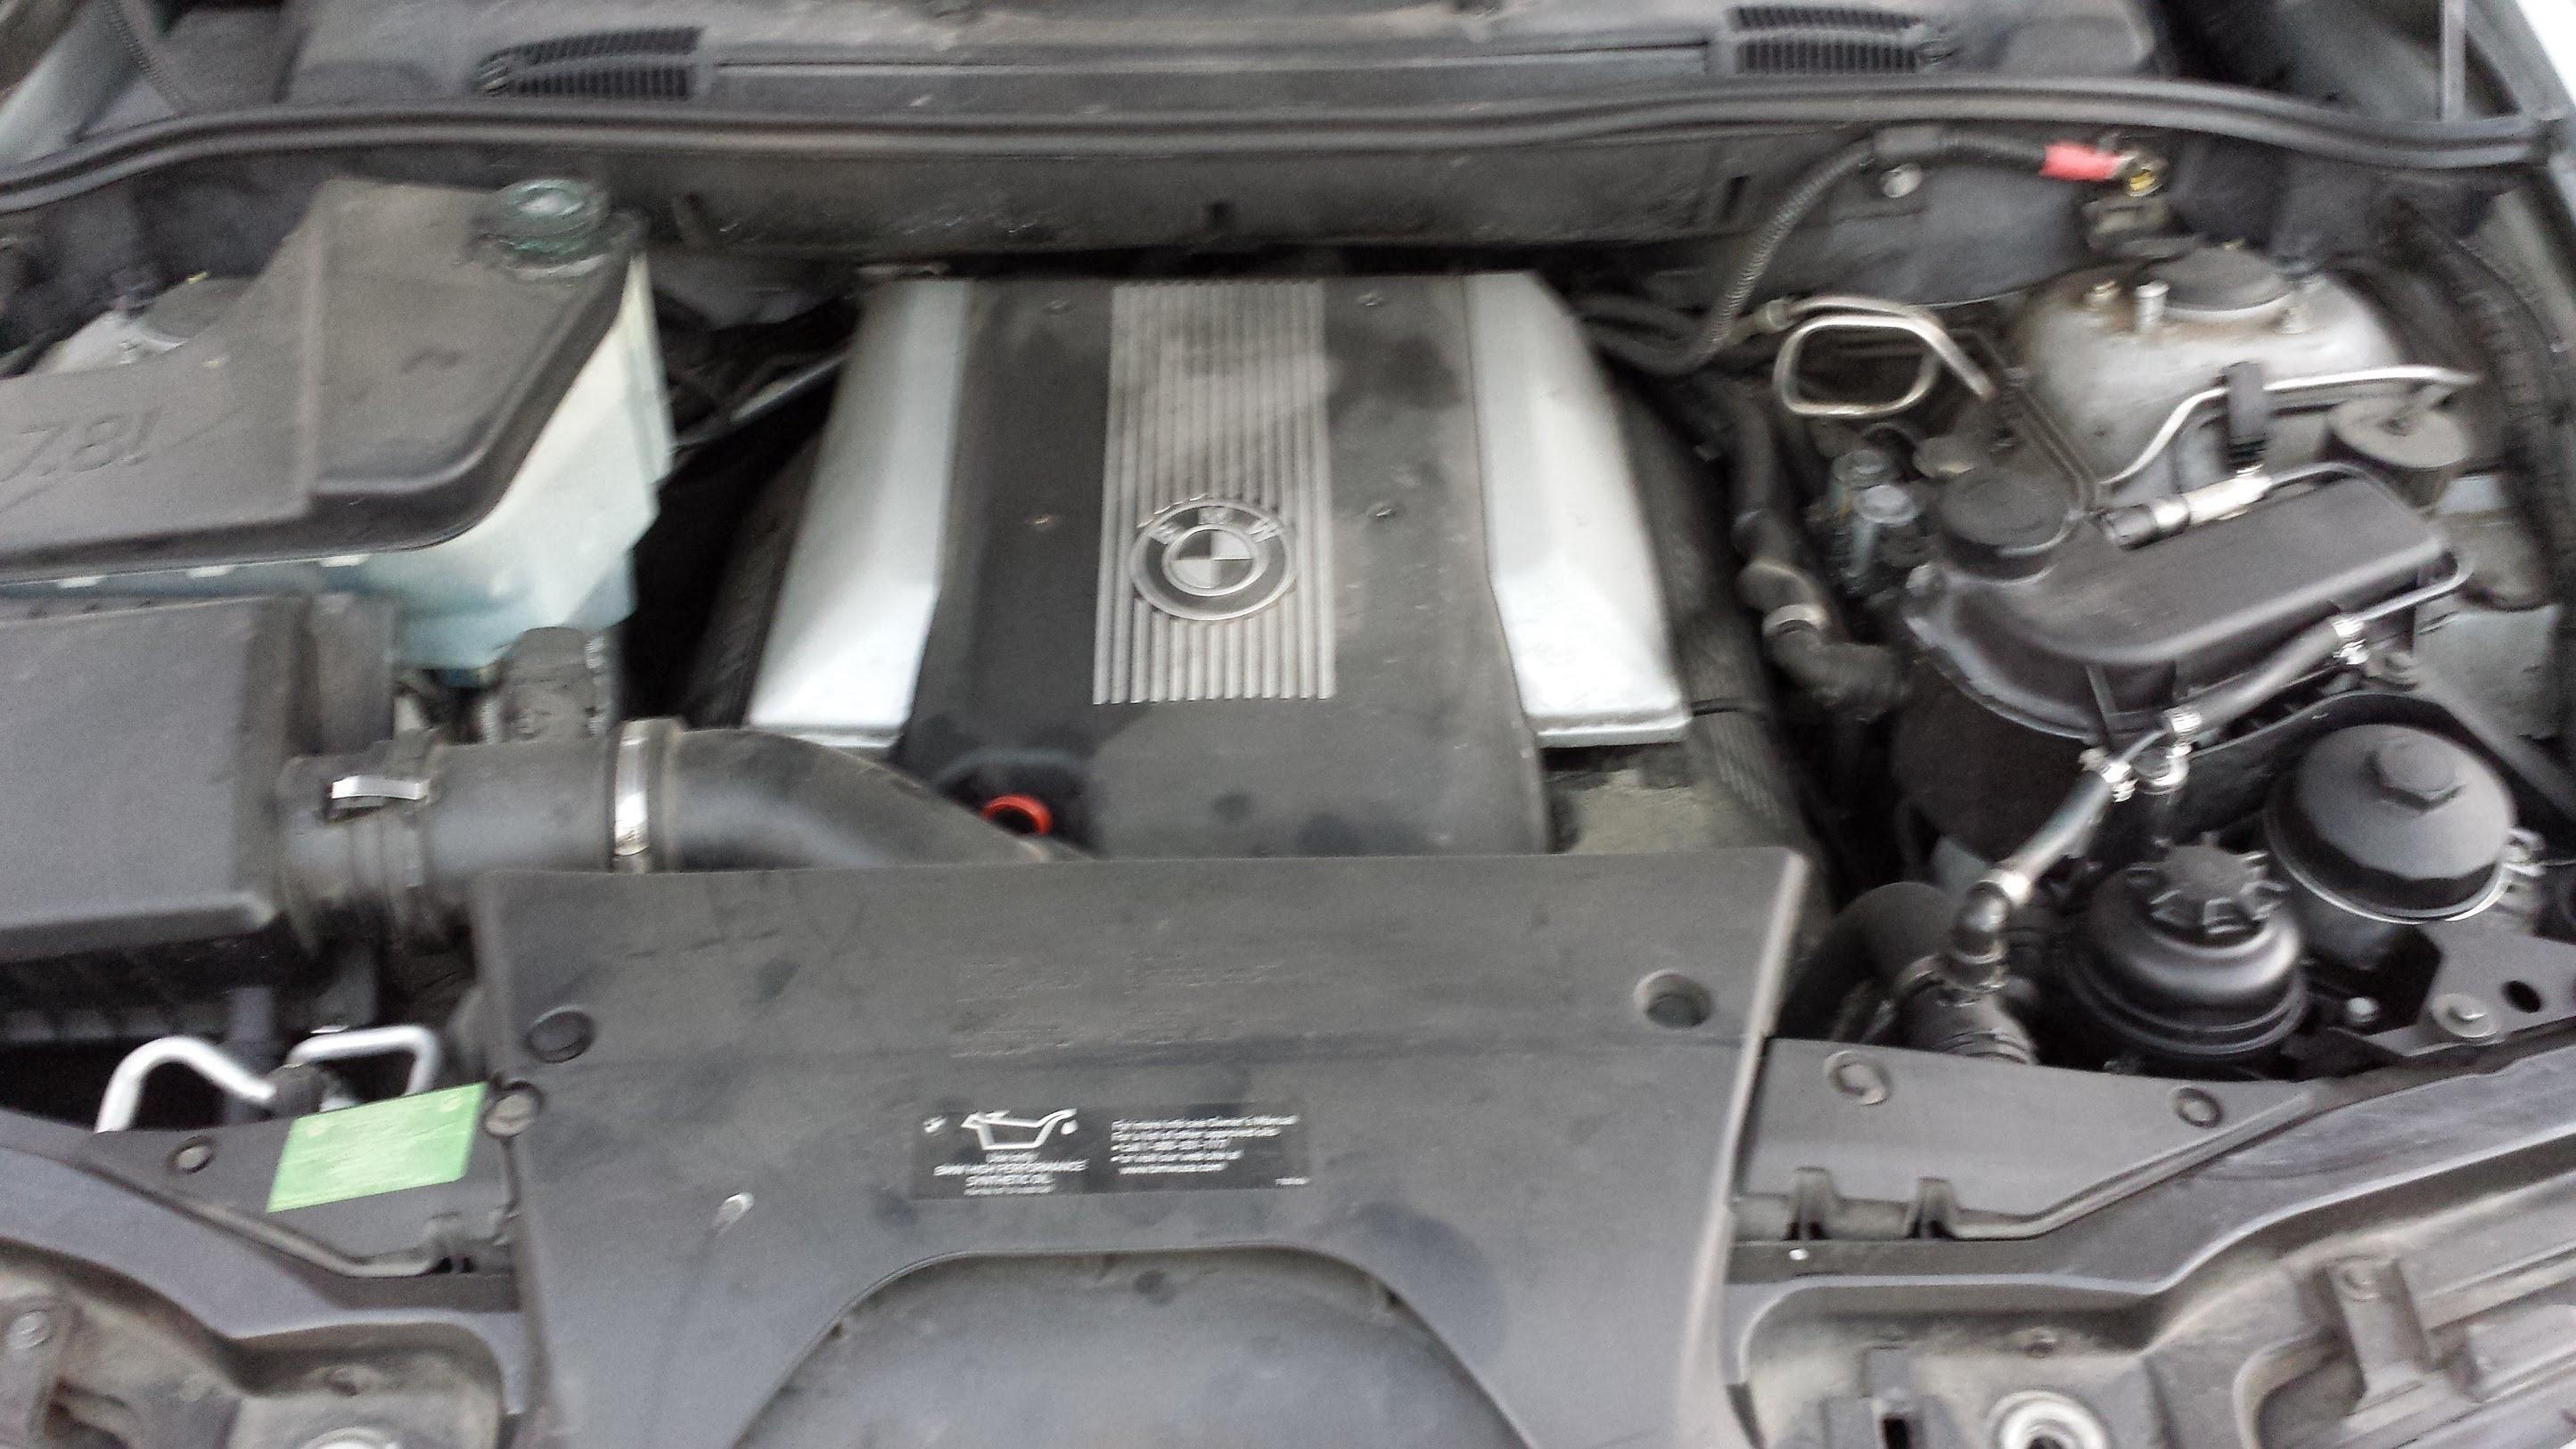 Diagram Of Car Under Hood Bmw E53 X5 4 4 Vanos Engine Diagram Of Diagram Of